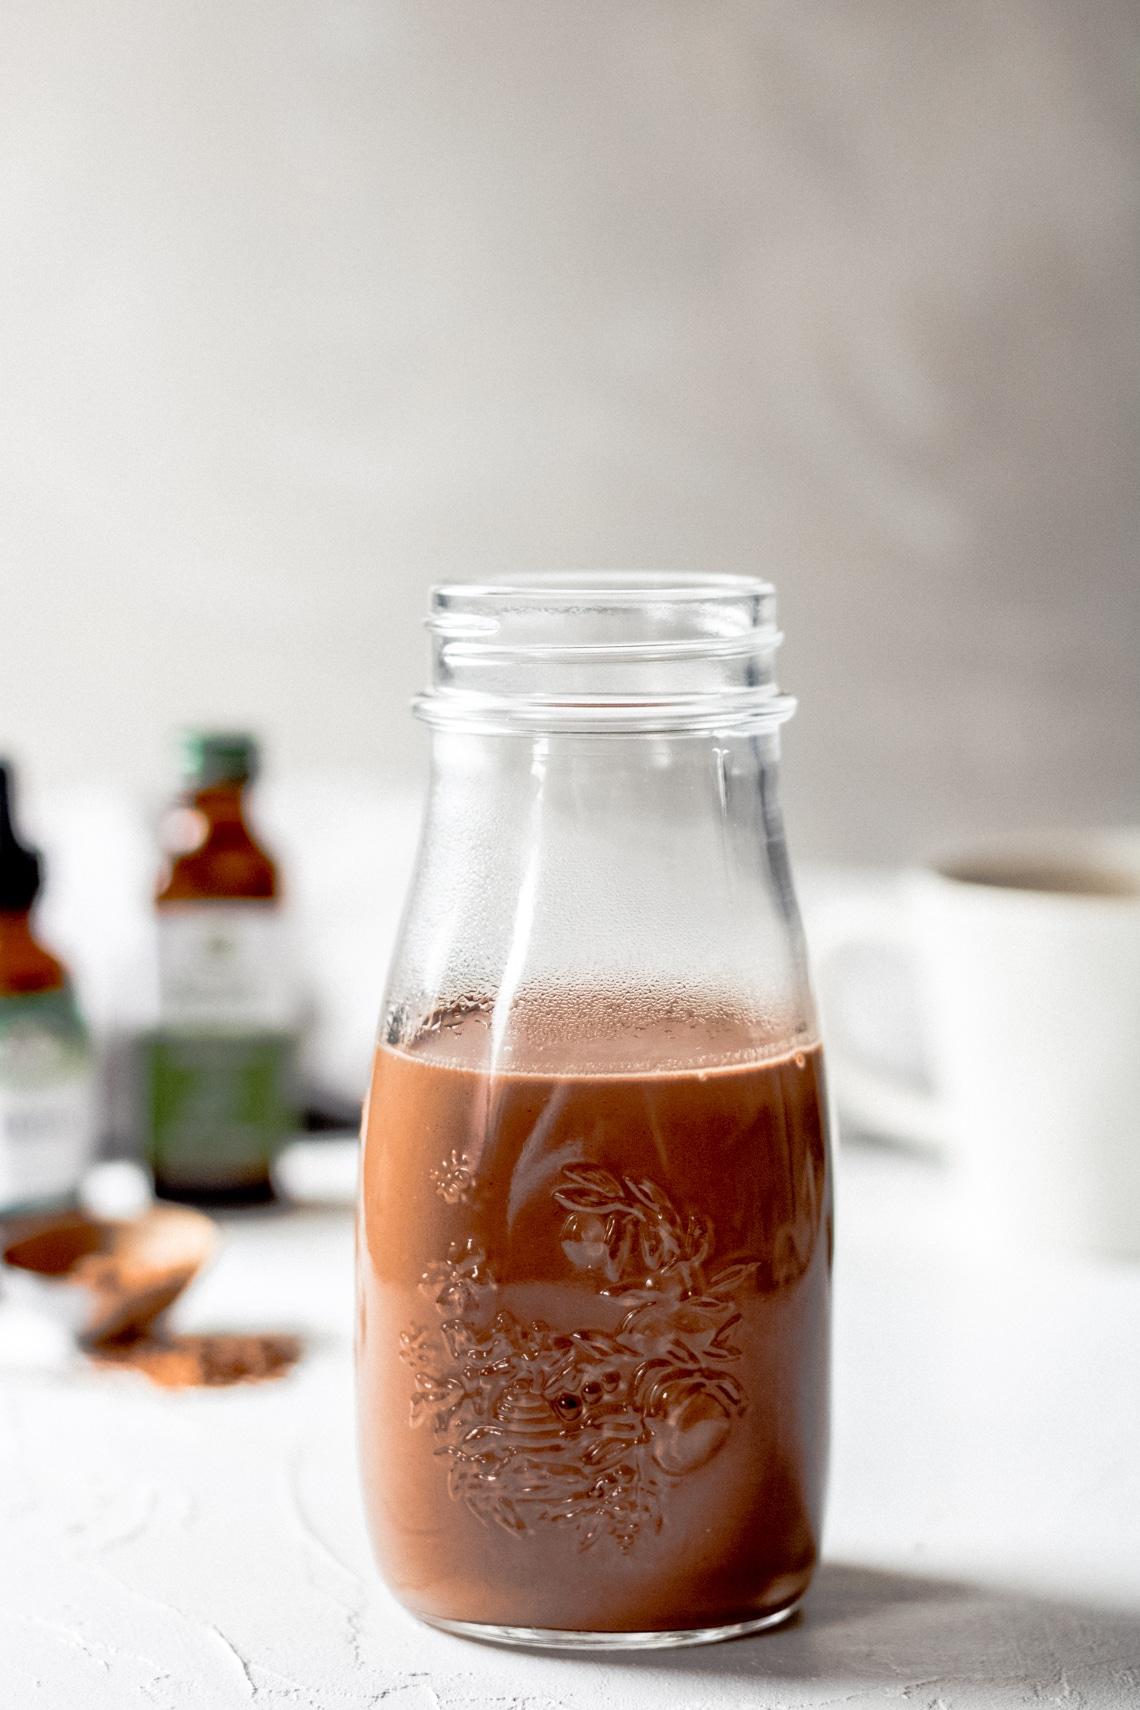 dairy free, sugar free mint mocha coffee creamer in a glass jar